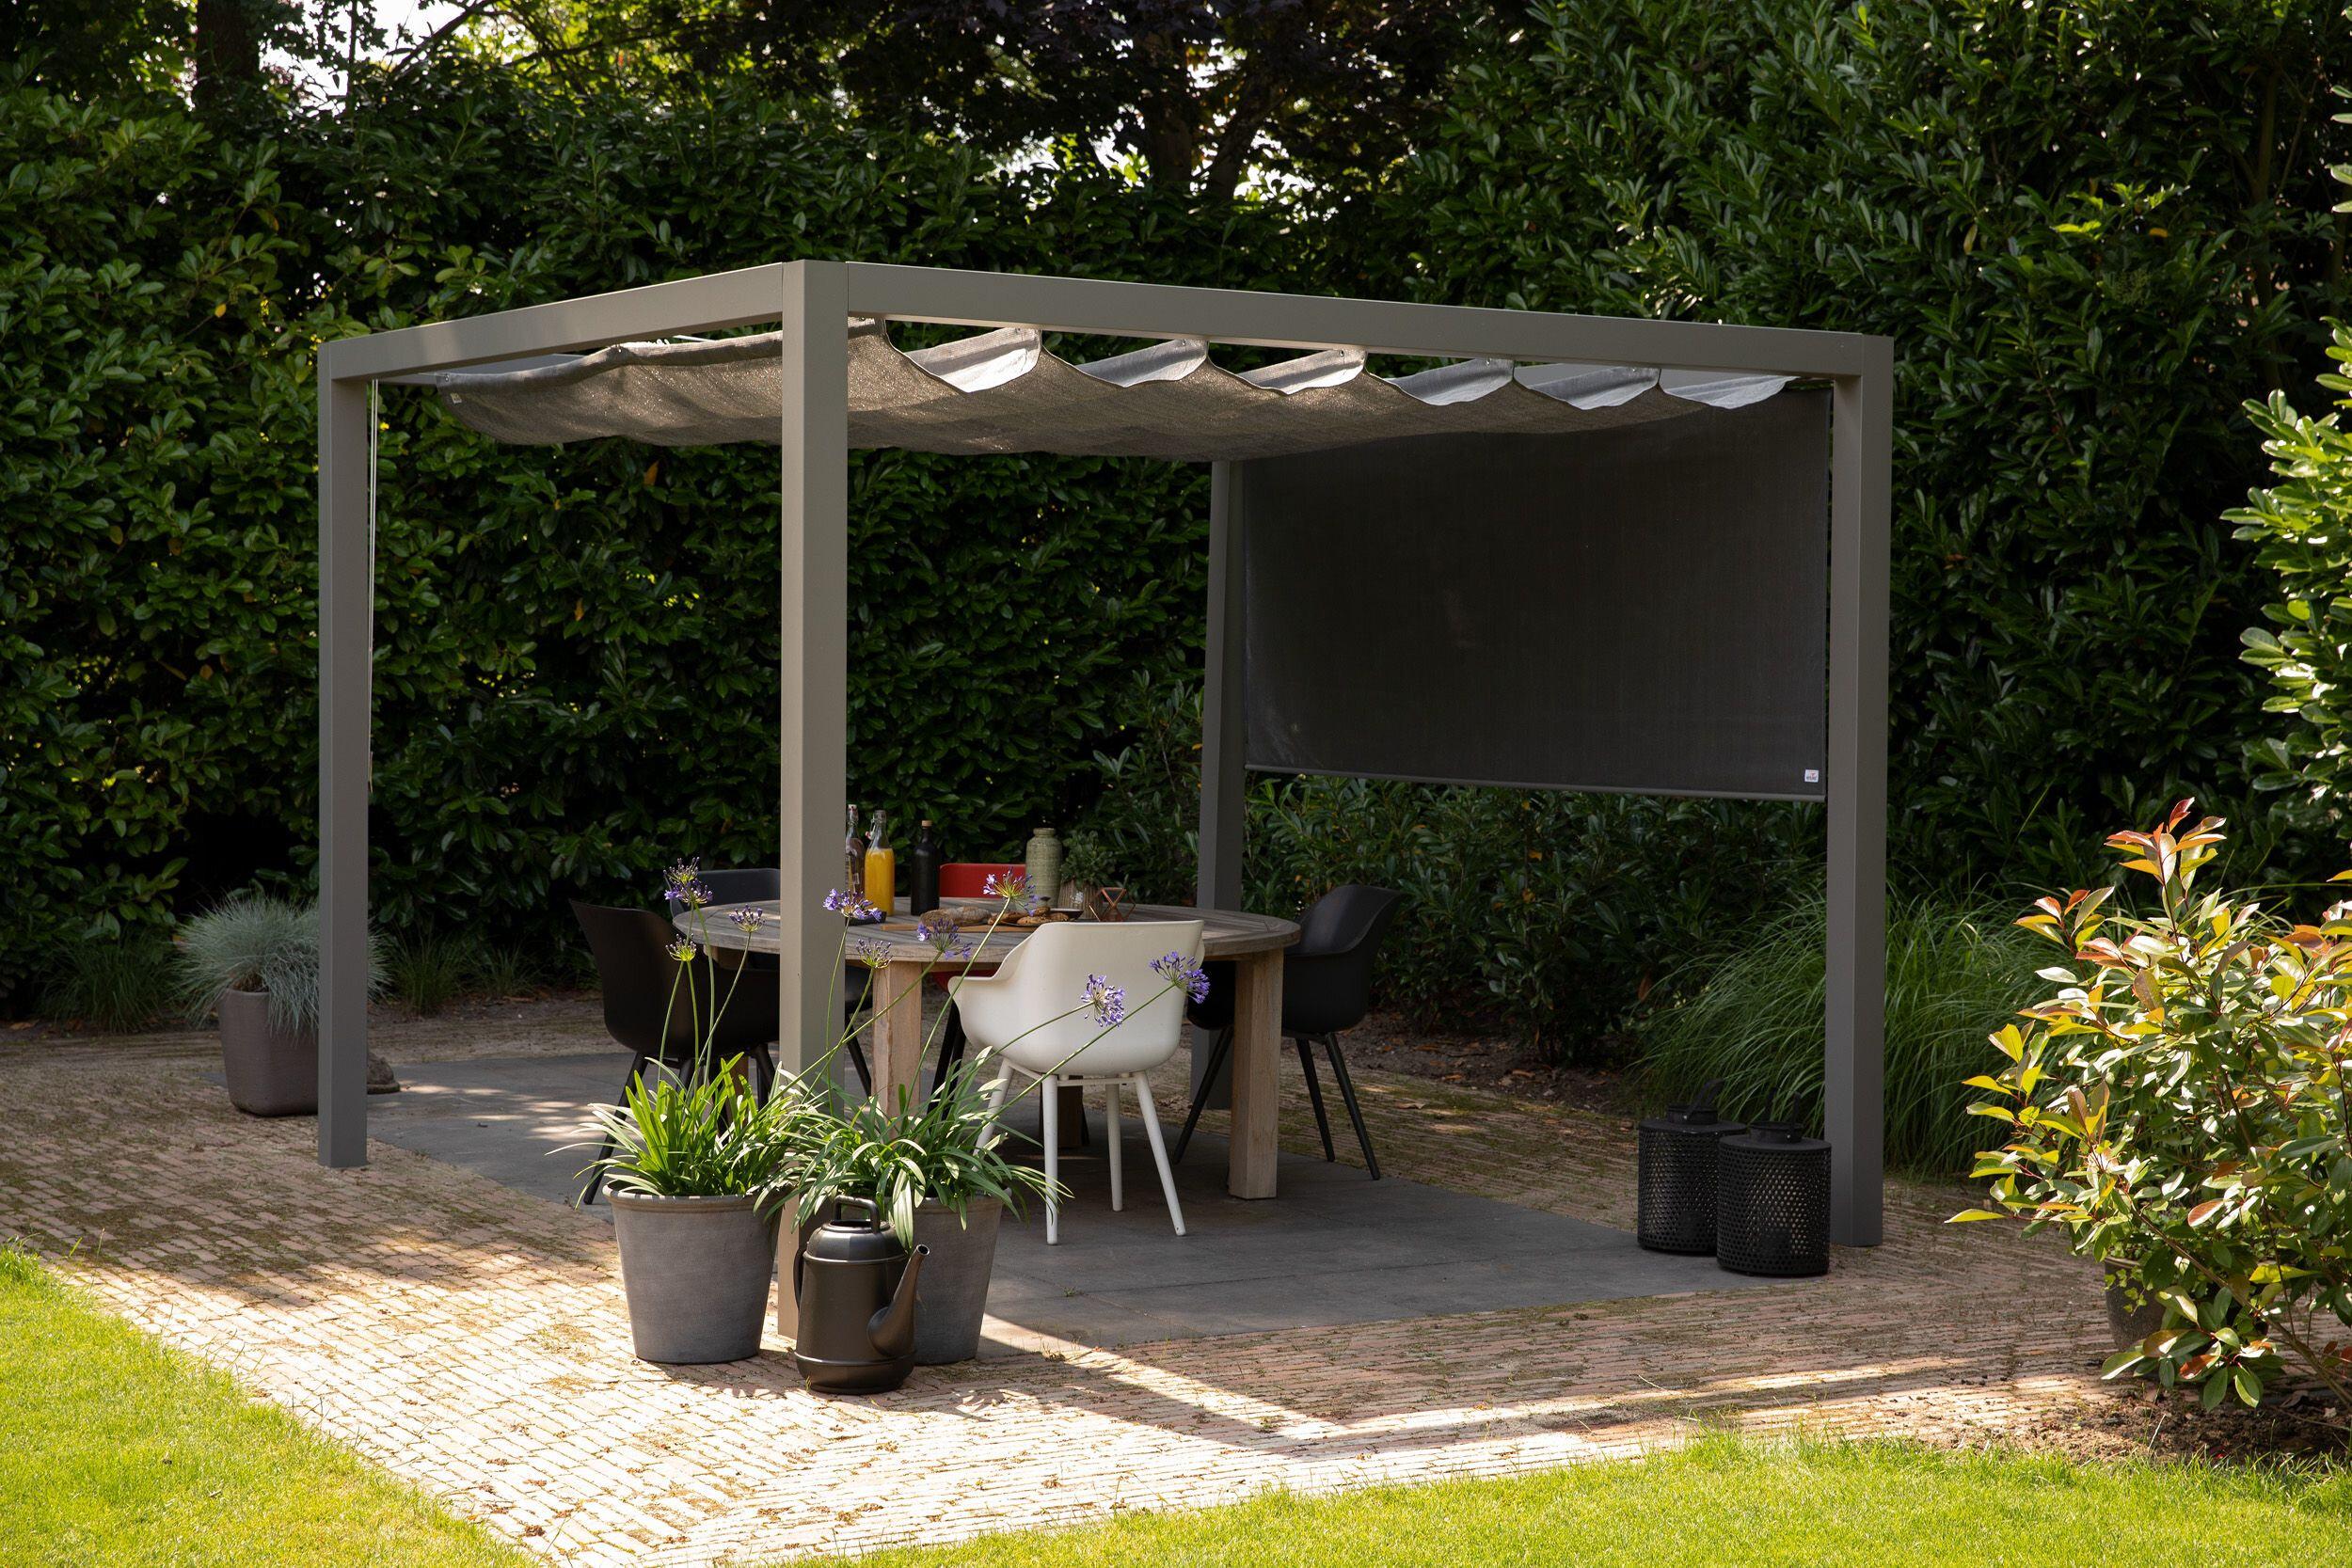 Pergola aluminium grijs 'Stand Alone' (3.19 x 4.19 meter)